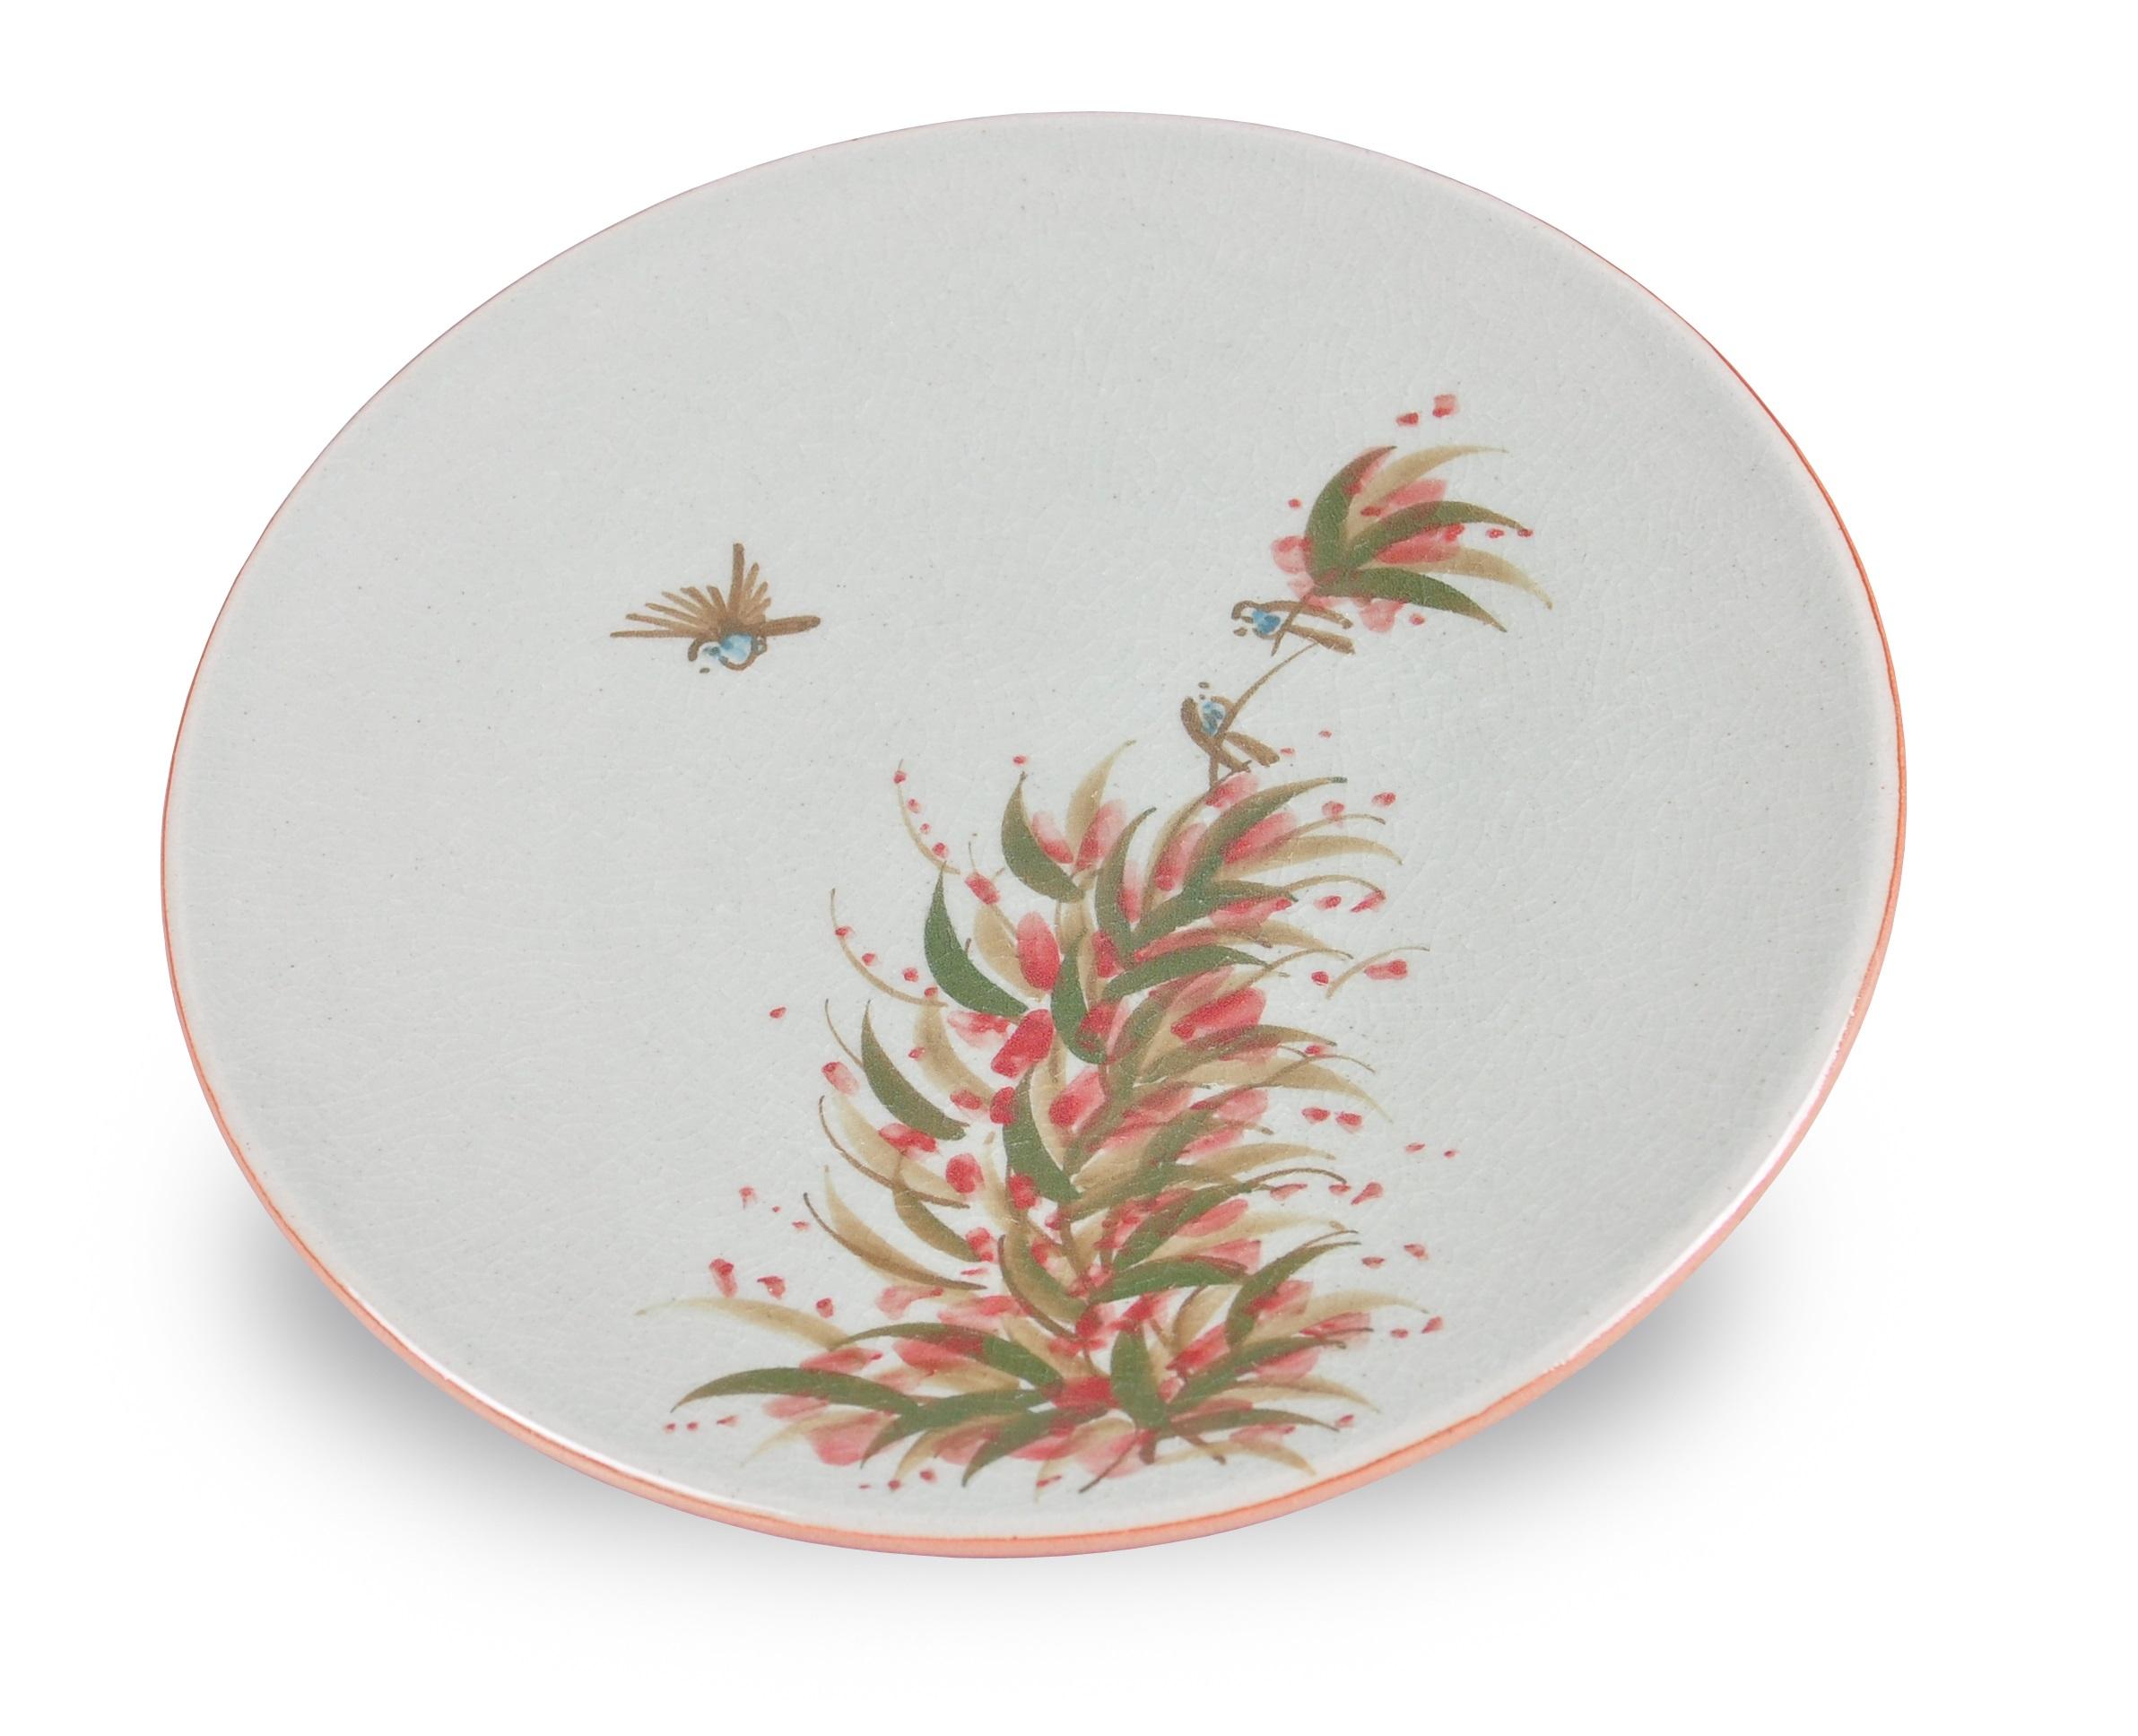 Тарелка JaponicaДекоративные тарелки<br>Посуда из коллекции &amp;quot;Japonica&amp;quot; придаст сервировке вашего стола по настоящему азиатский колорит.<br><br>Material: Керамика<br>Высота см: 3